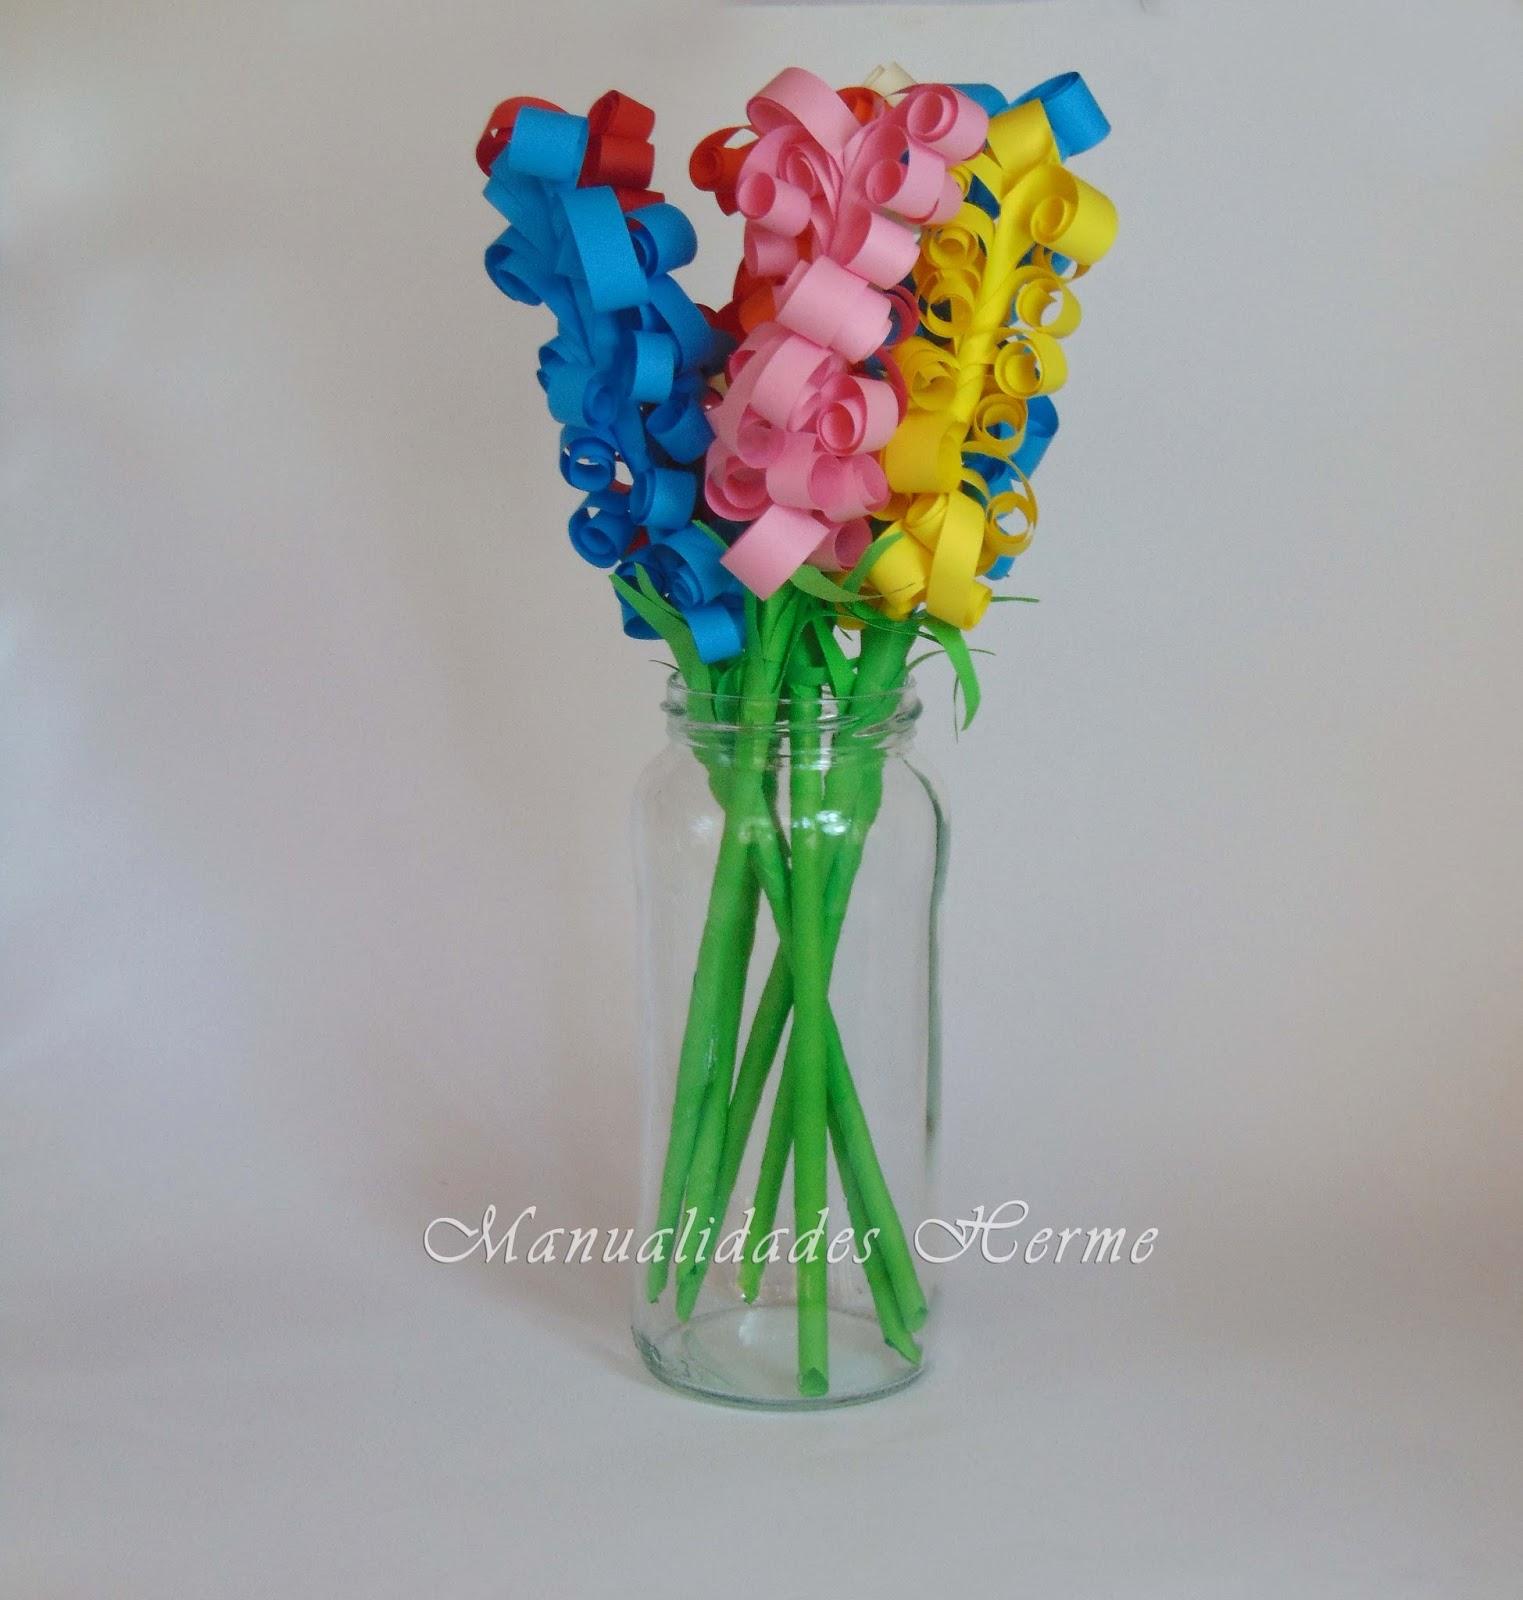 Papel: adornos, flores, mariposas y hasta vestidos  - Imagenes De Flores De Papel Paso A Paso